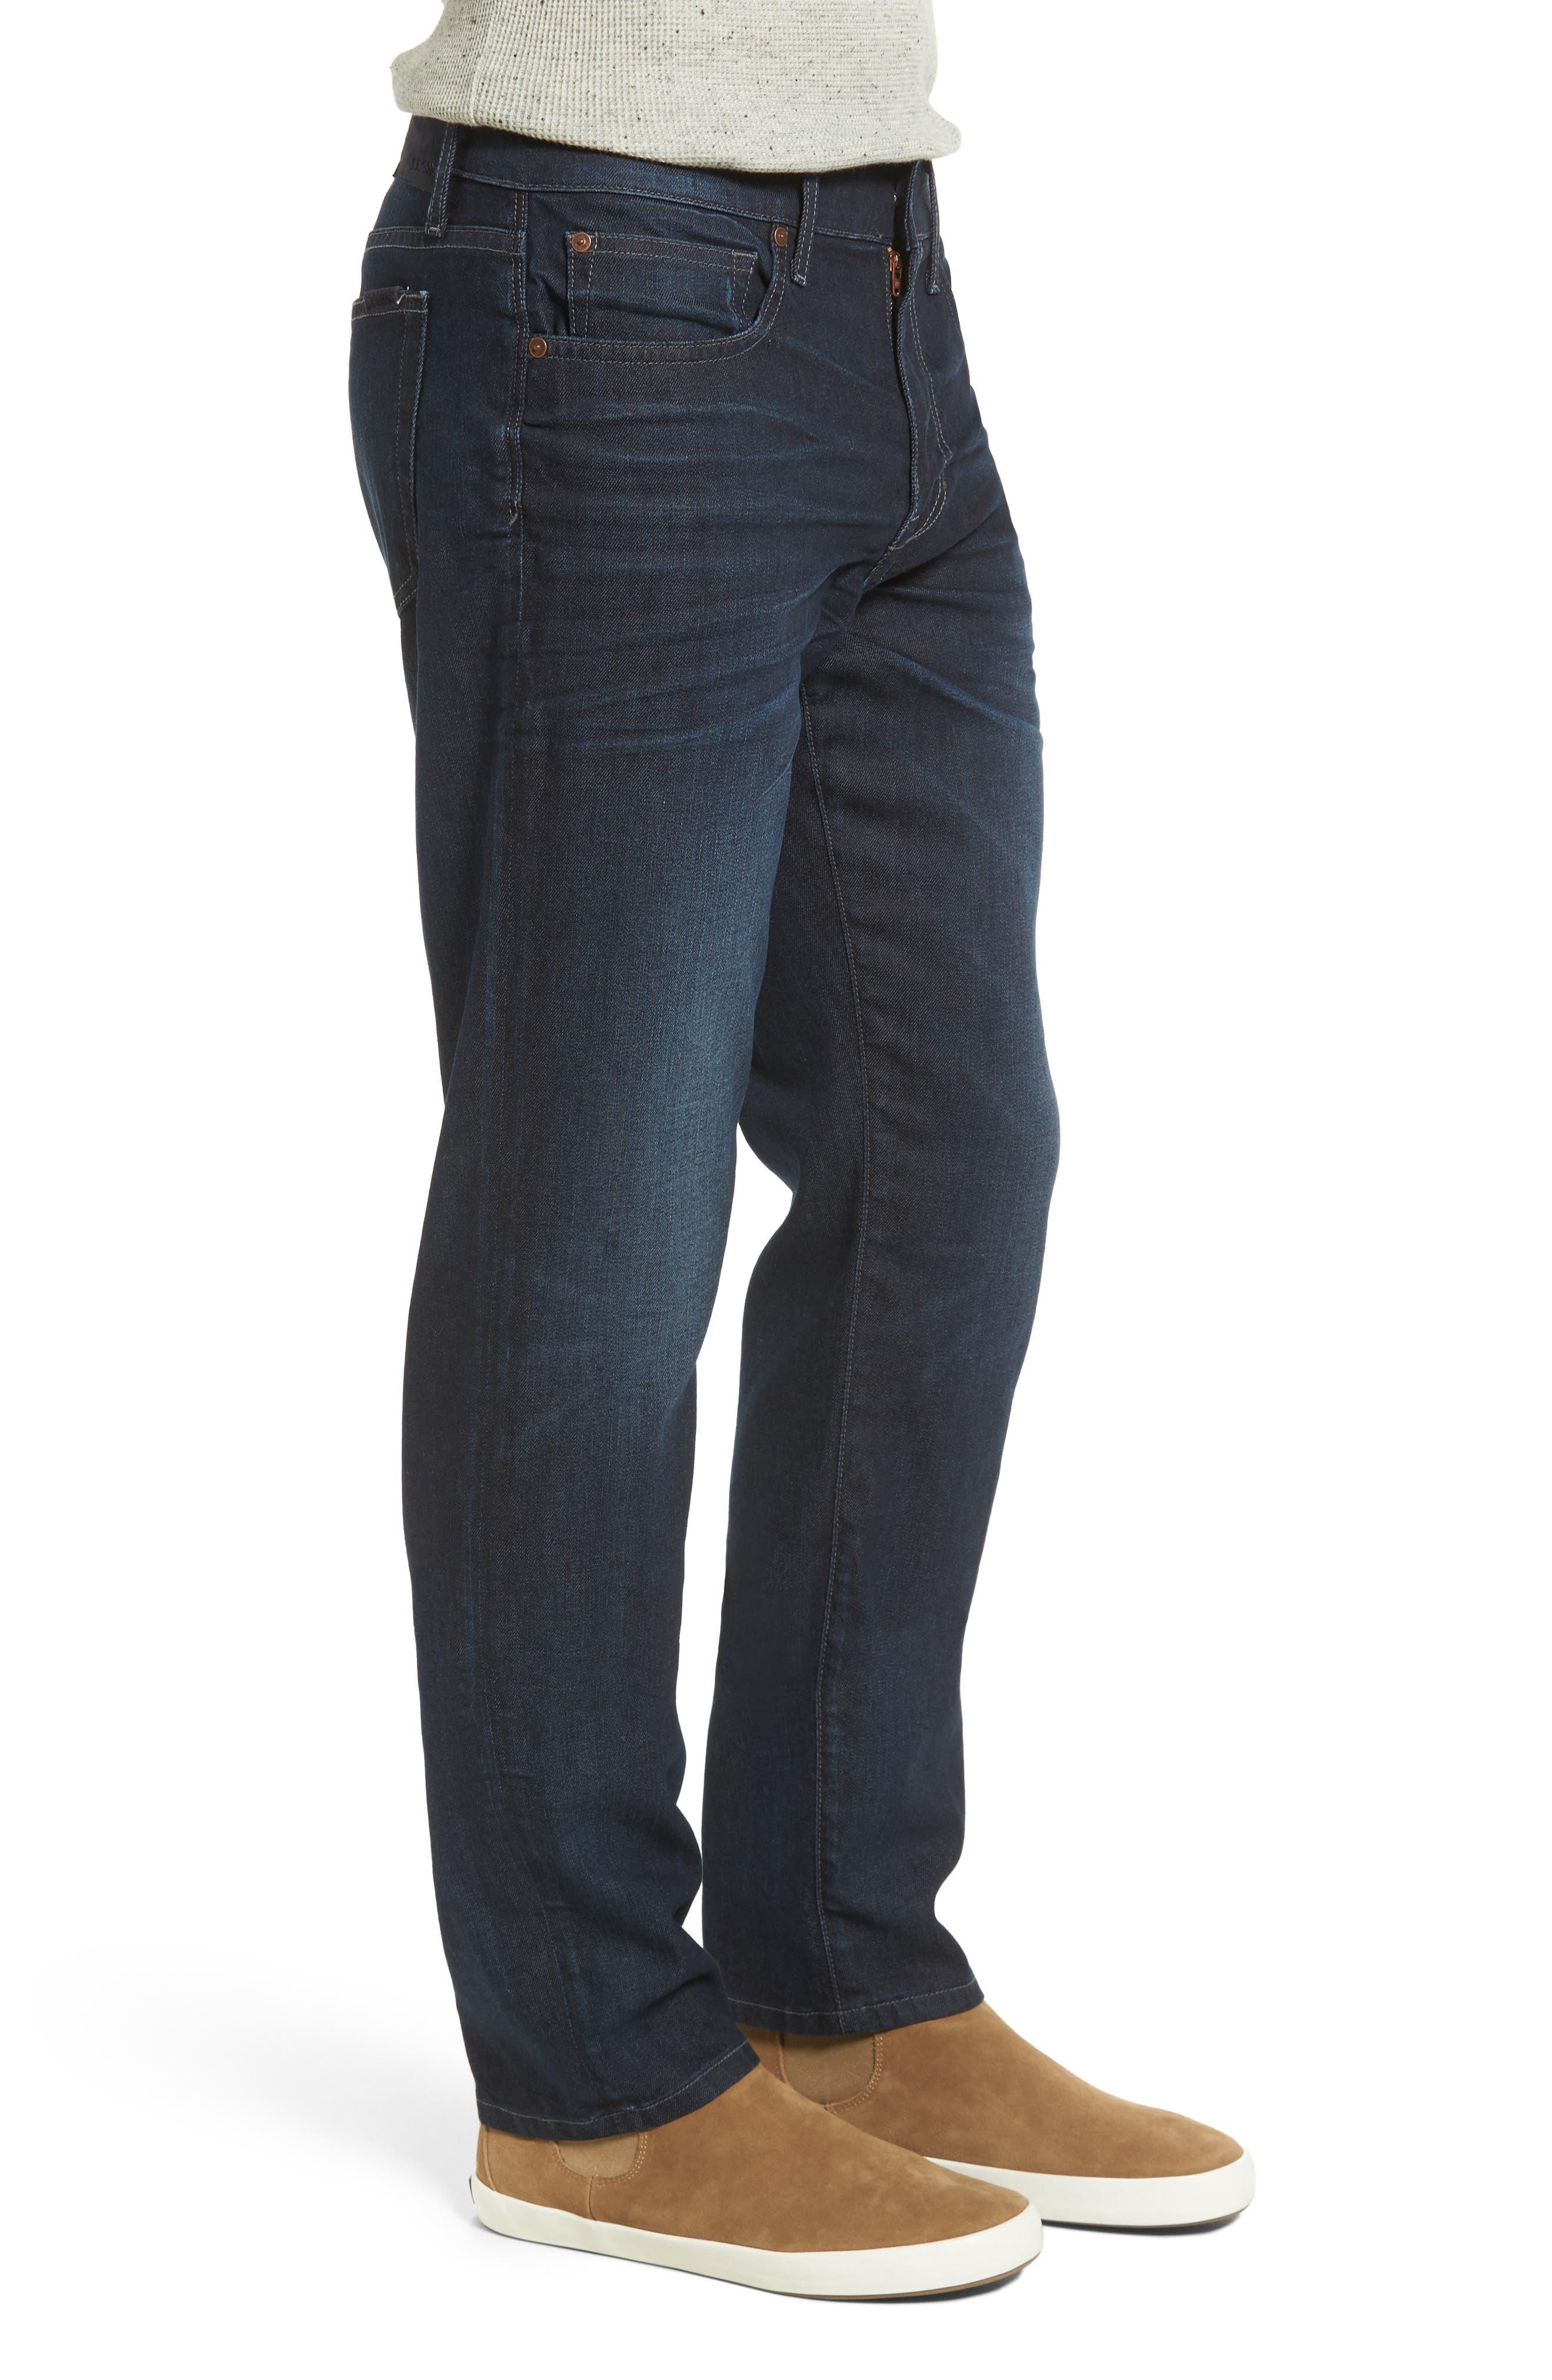 Brixton Slim Straight Leg Jeans,                             Alternate thumbnail 3, color,                             Guest